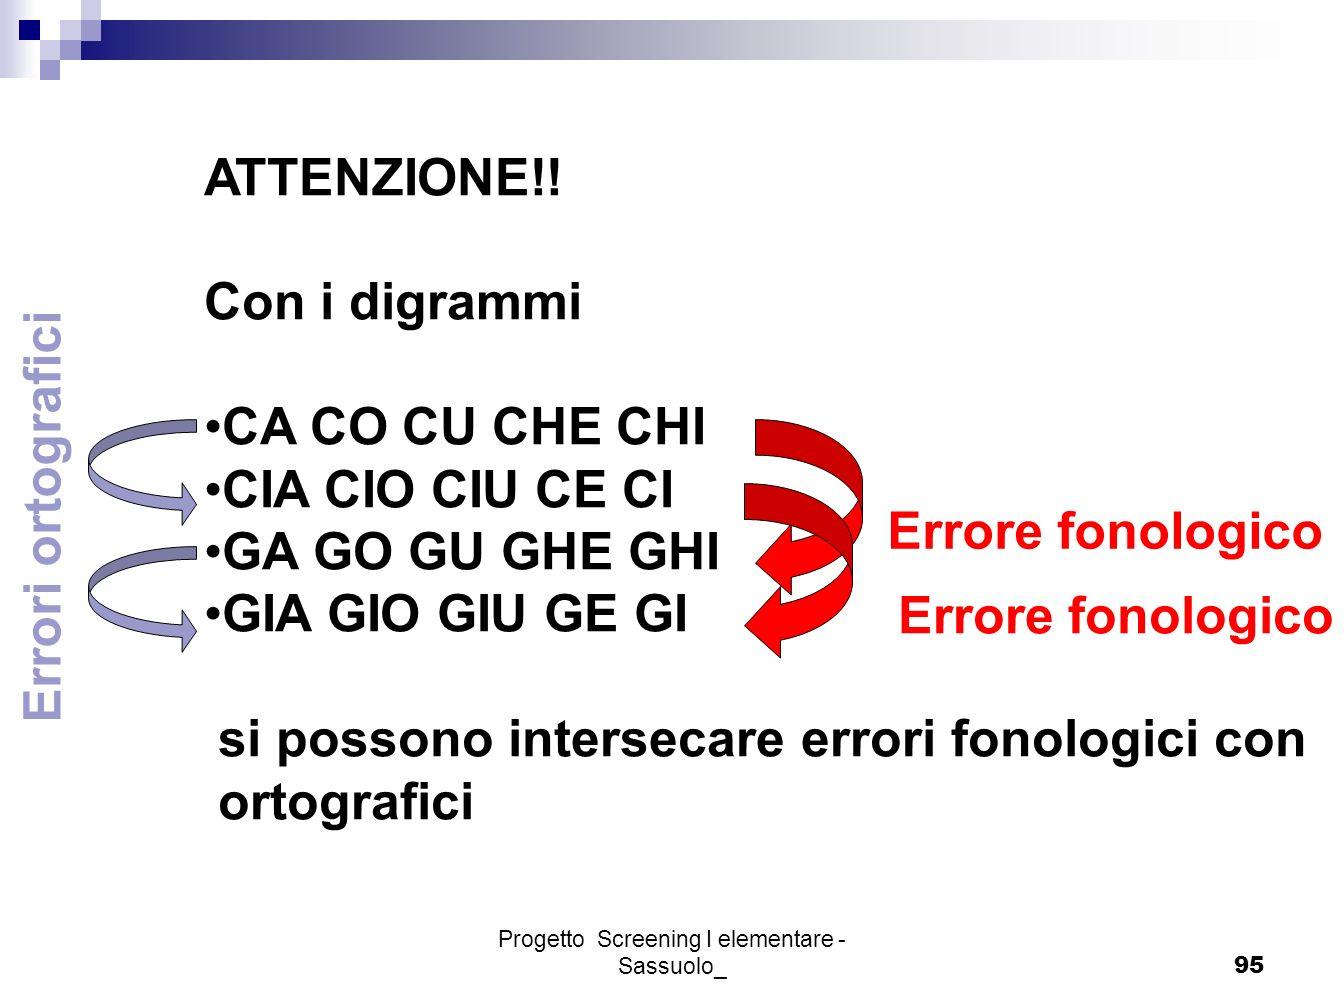 Progetto Screening I elementare - Sassuolo_95 ATTENZIONE!! Con i digrammi CA CO CU CHE CHI CIA CIO CIU CE CI GA GO GU GHE GHI GIA GIO GIU GE GI si pos